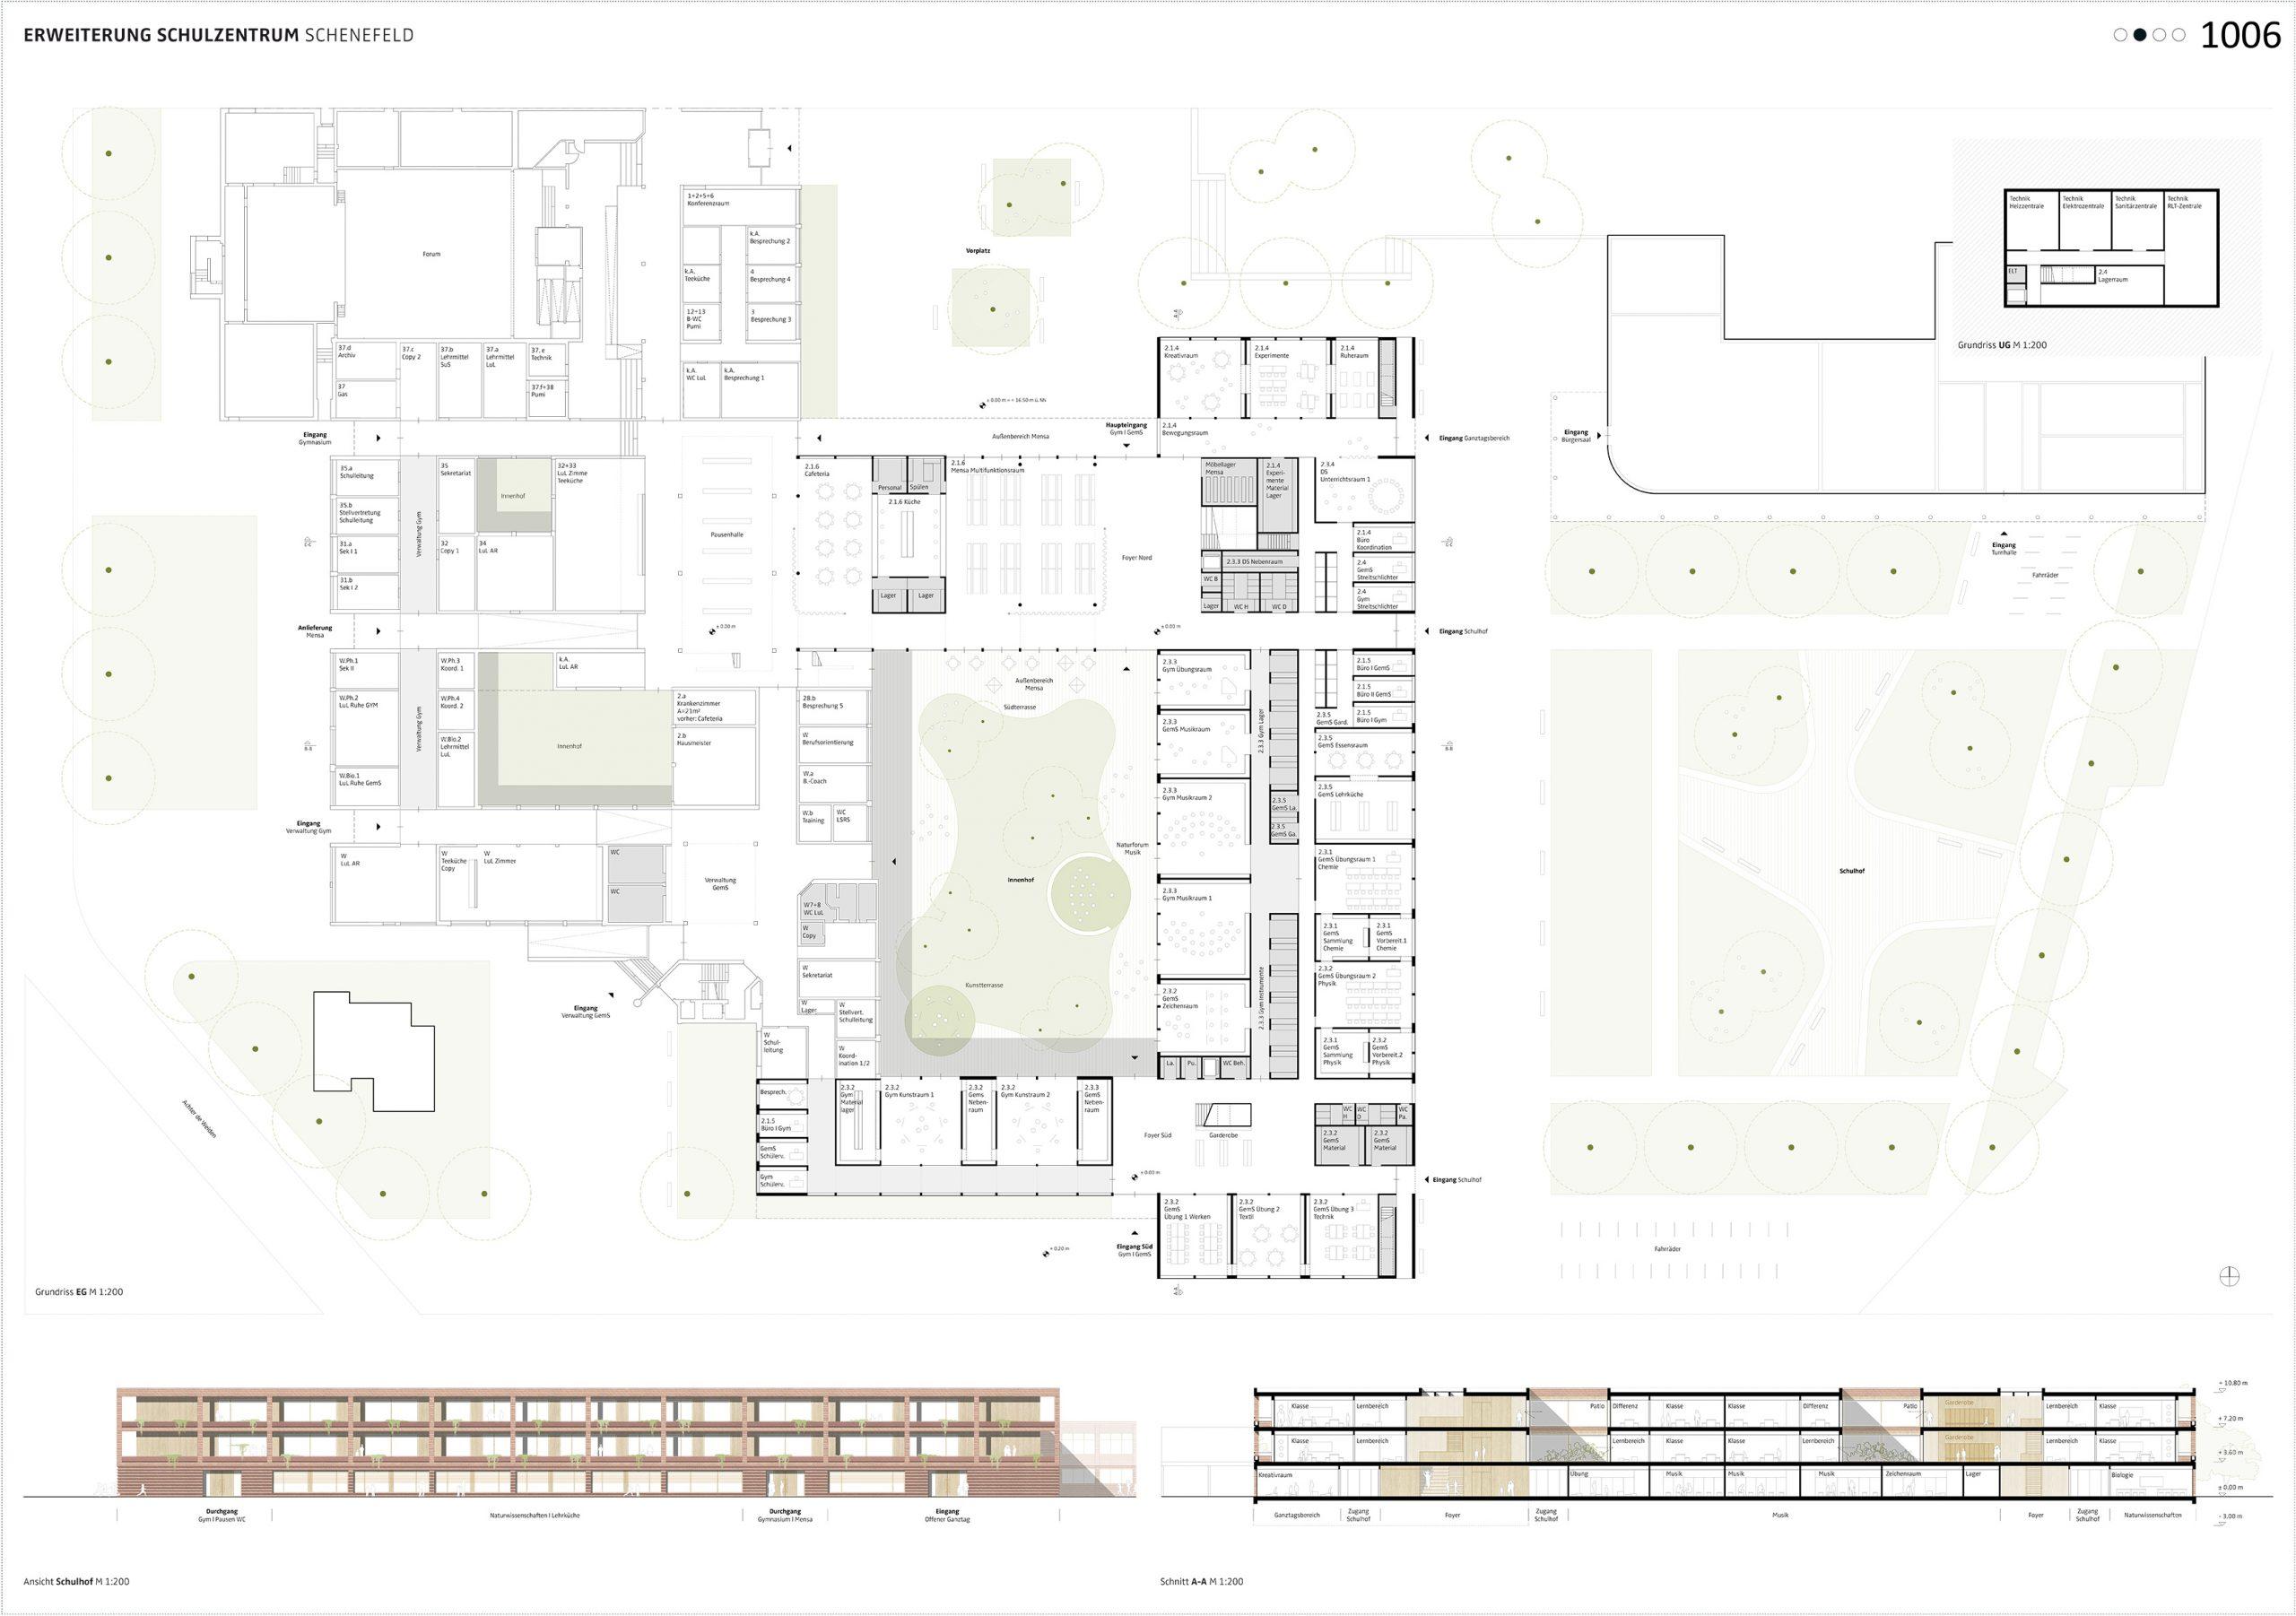 Erdgeschoss Neubau Schulzentrum Schenefeld